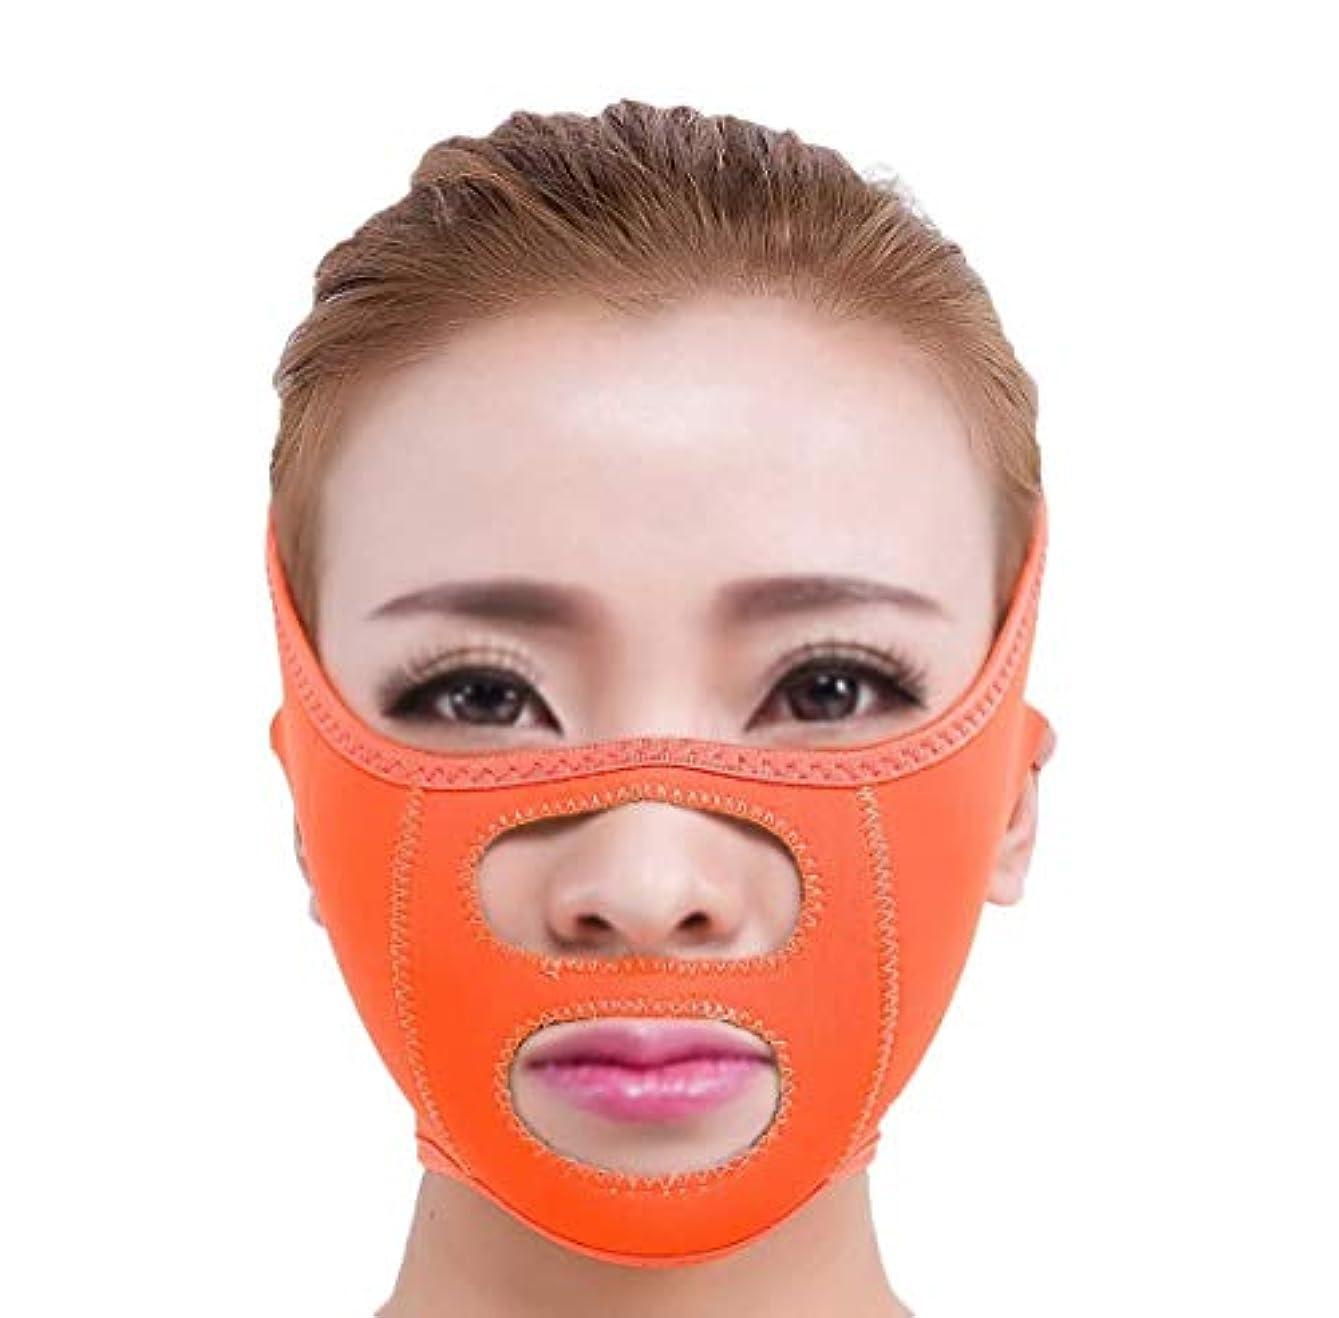 そんなにギャラントリー便利スリミングベルト、フェイシャルマスク薄い顔マスク睡眠薄い顔マスク薄い顔包帯薄い顔アーティファクト薄い顔顔リフティング薄い顔小さなV顔睡眠薄い顔ベルト